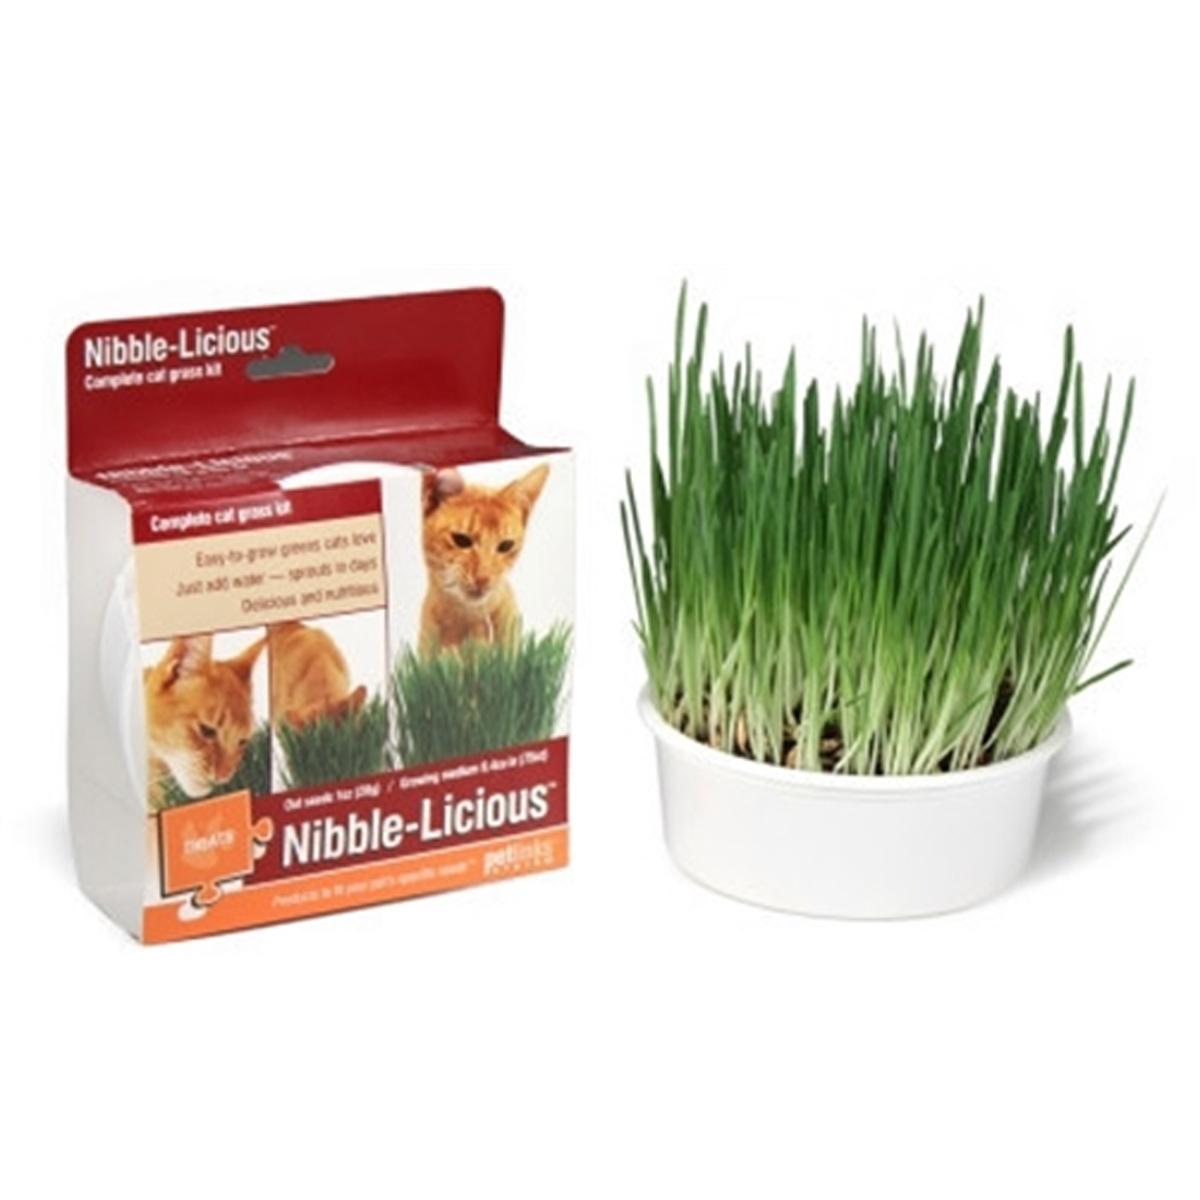 Petlinks Nibble-Licious Kit Cat Grass Treat